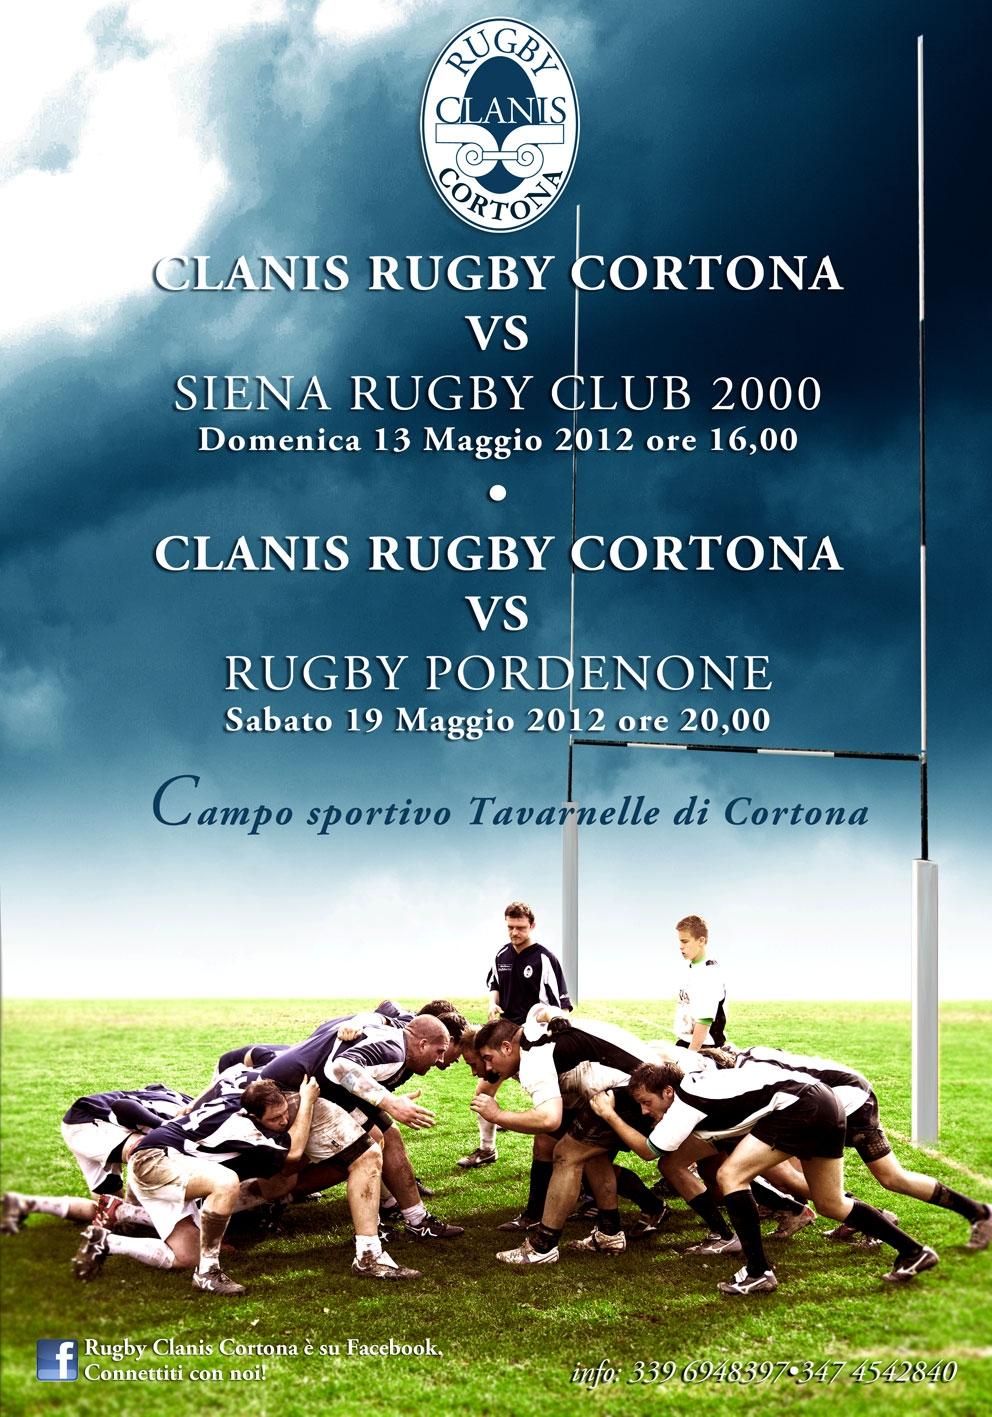 Clanis Rugby Cortona: ecco i prossimi impegni